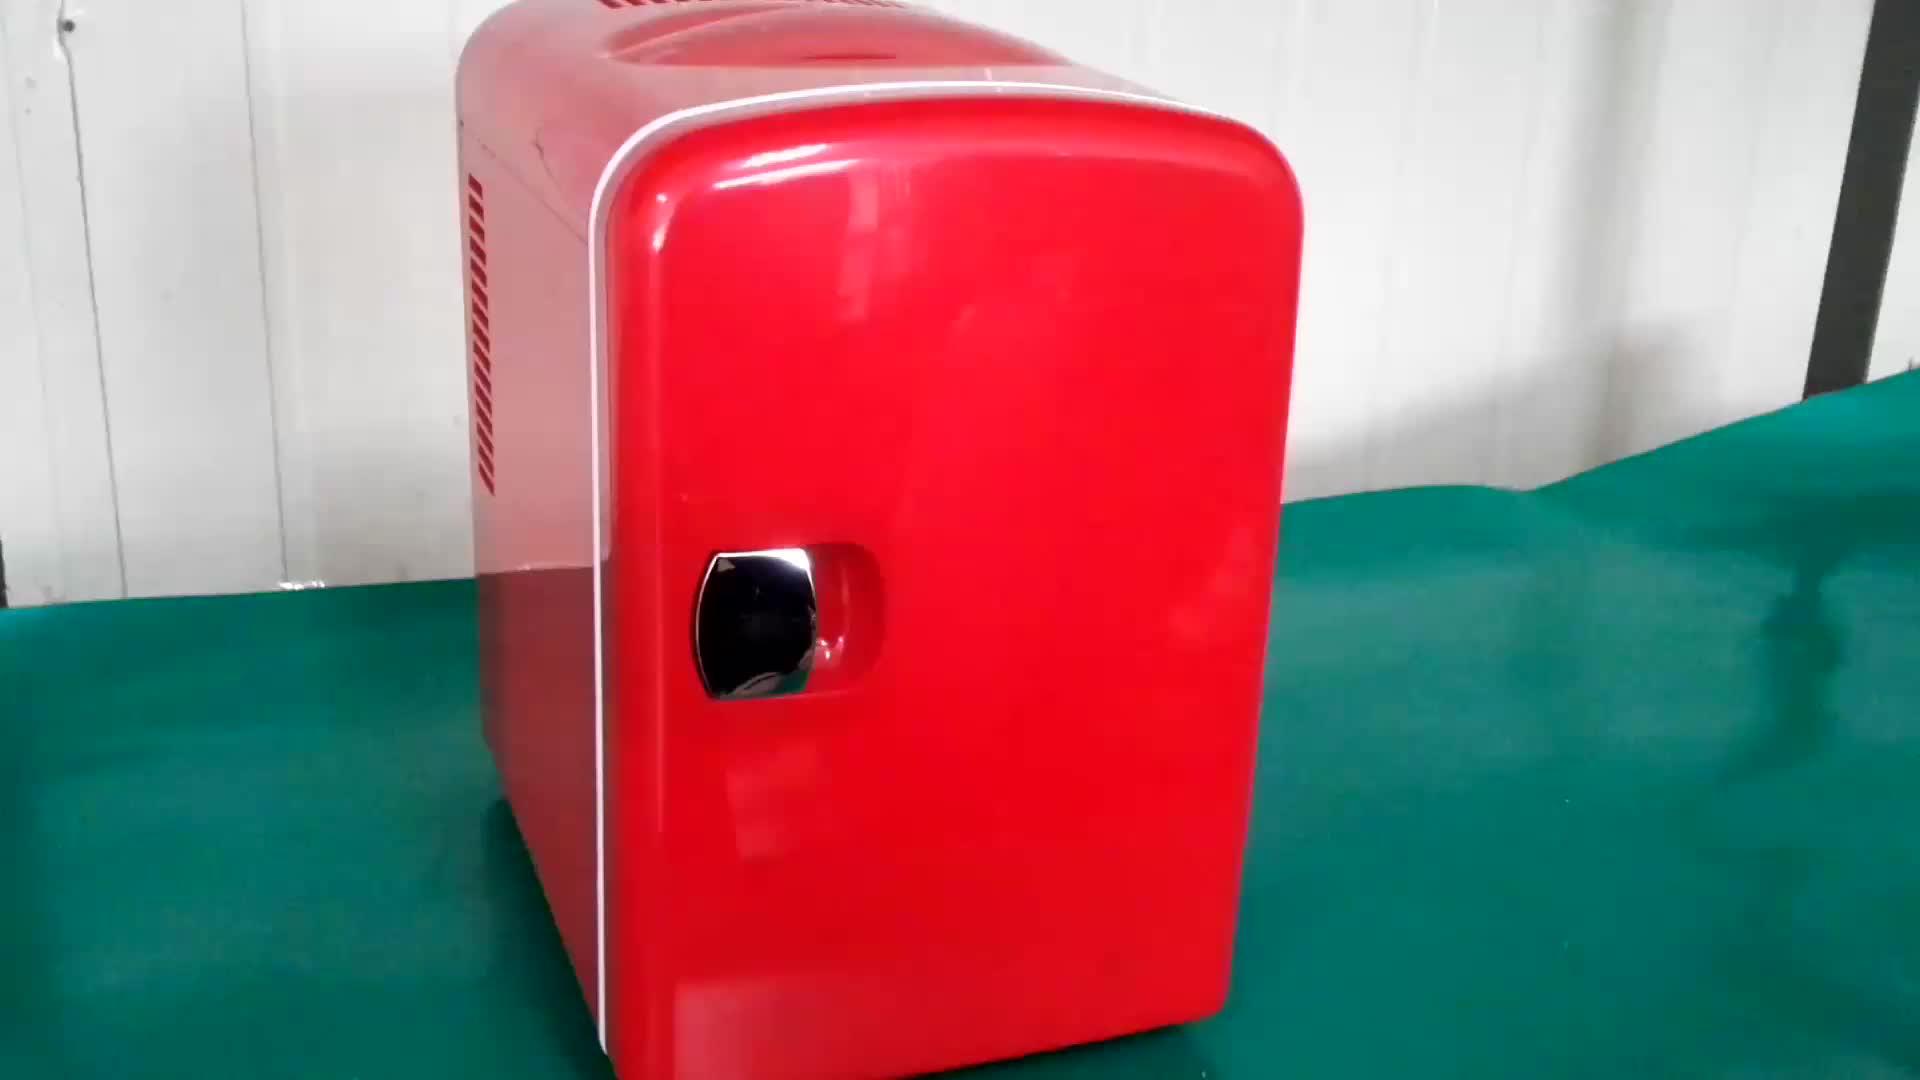 Auto Mini Kühlschrank : Mini kühlschrank autokühlschrank thermoelektrischer kühler und